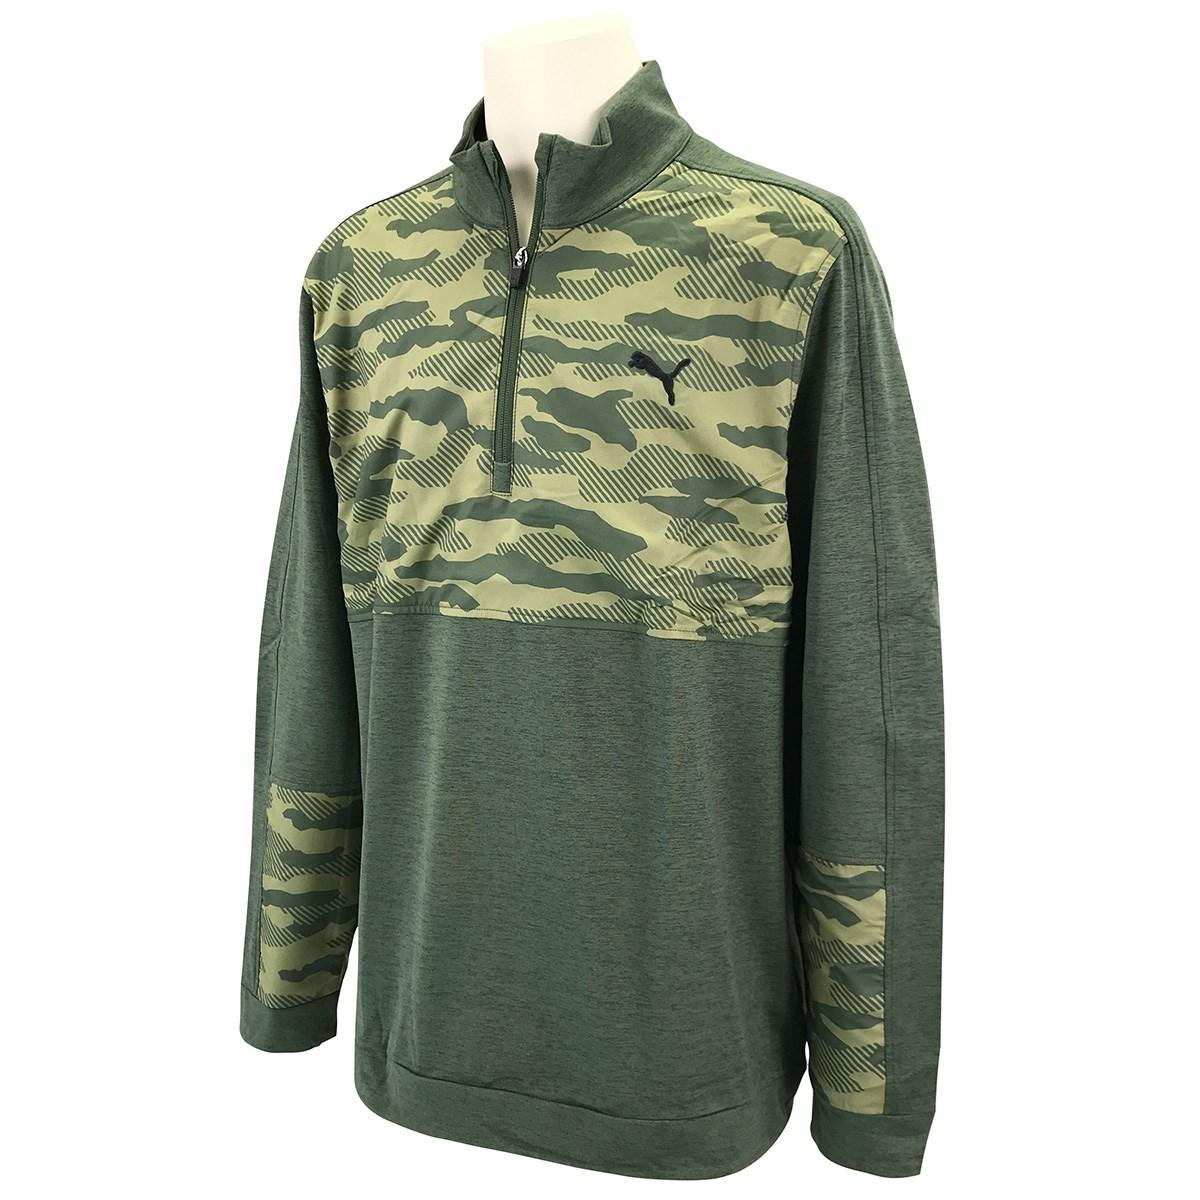 プーマ PUMA クラウドスパン カモ 1/4ジップ 長袖シャツ XS タイム 01